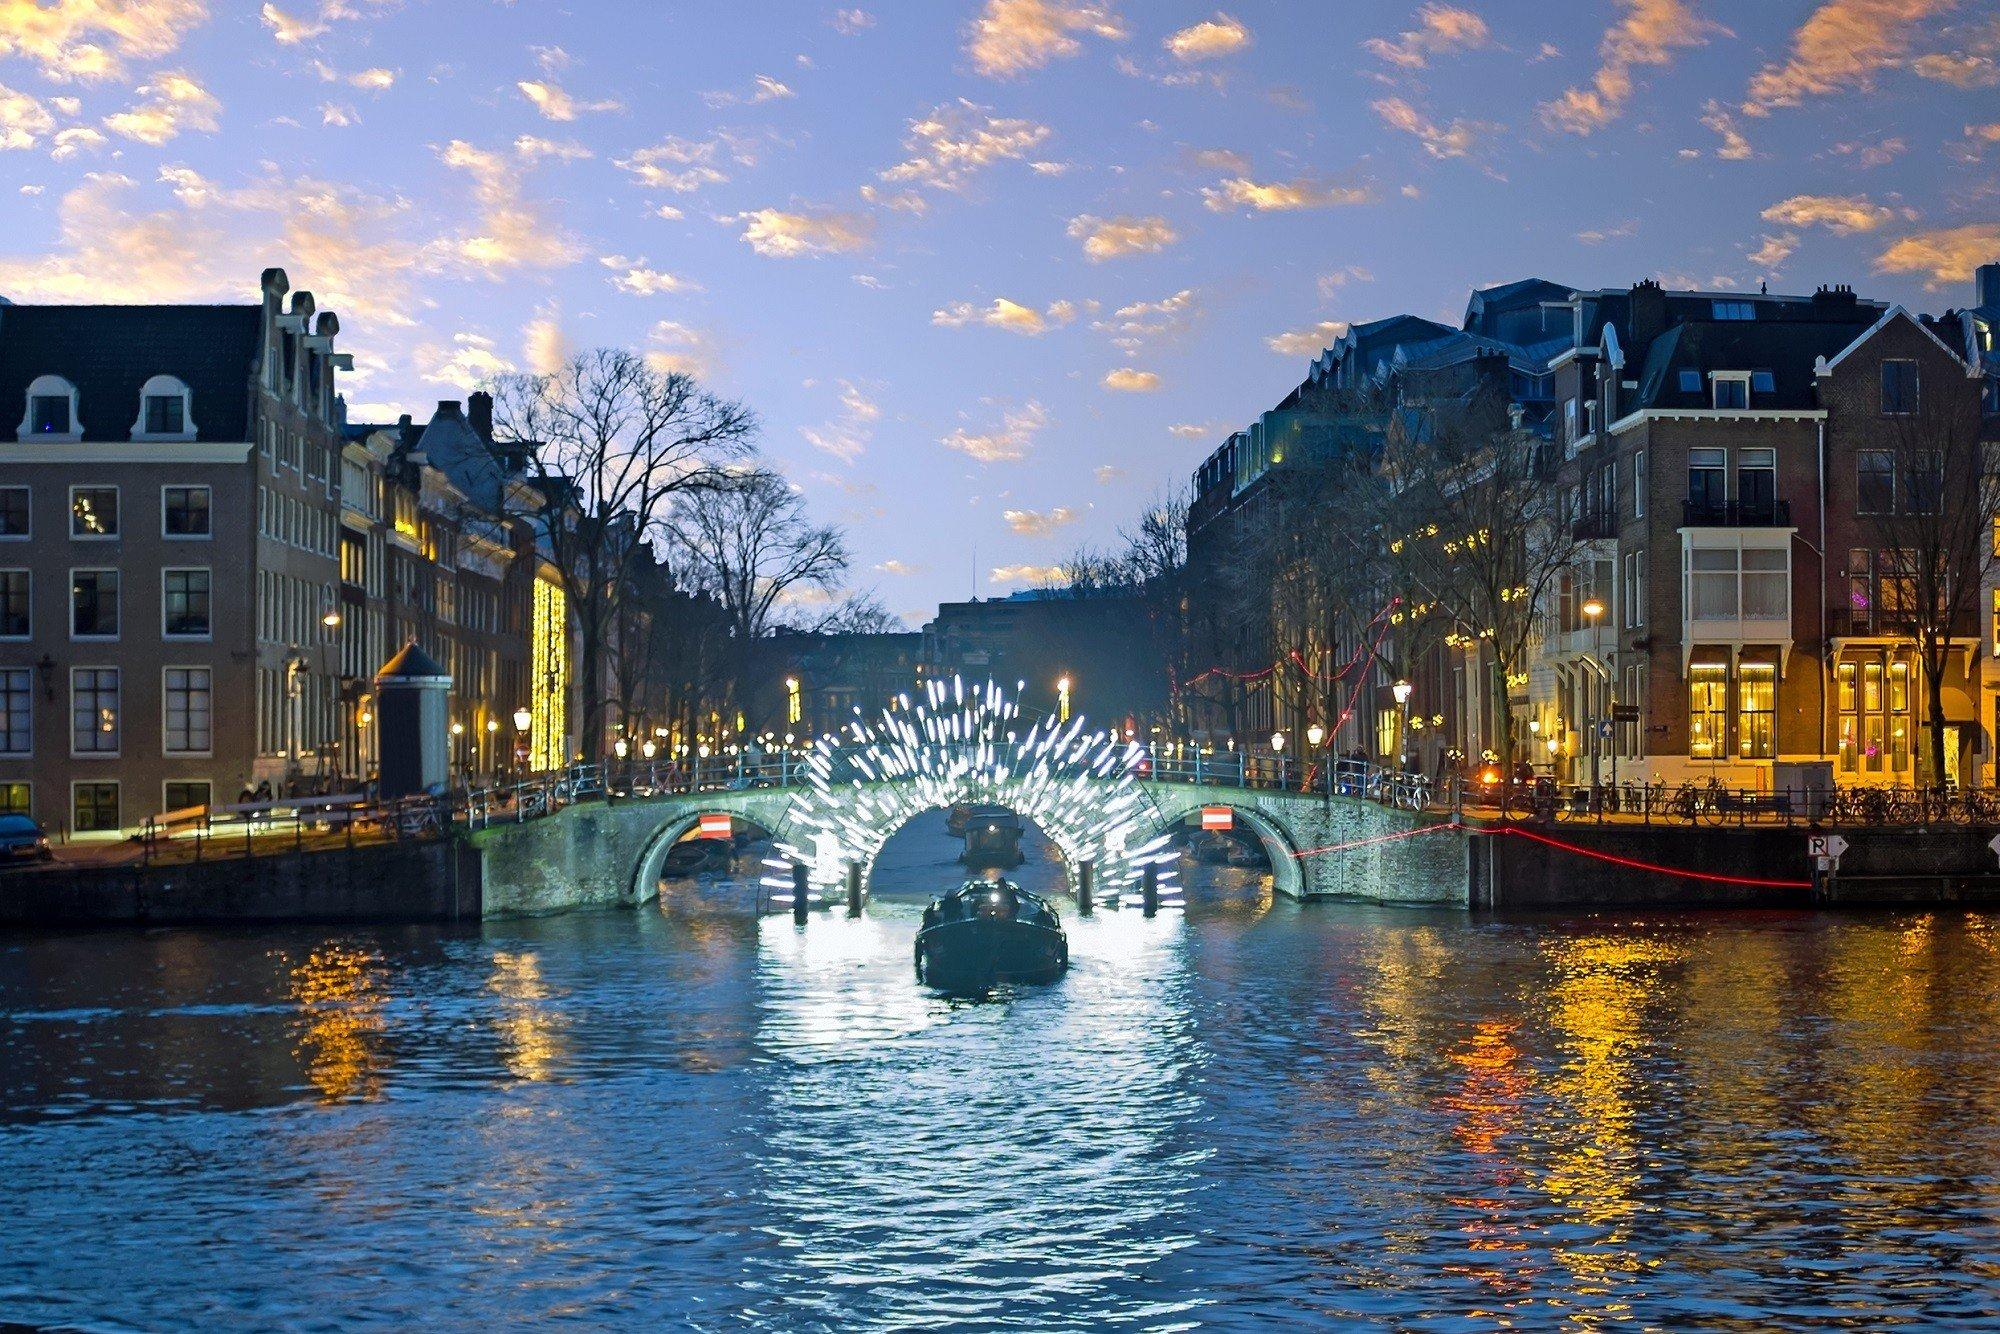 Dagaanbieding - 2 of 3 dagen nabij Amsterdam incl. ticket Amsterdam Light Festival met 75 min. durende luxe rondvaart rederij Nassau dagelijkse koopjes